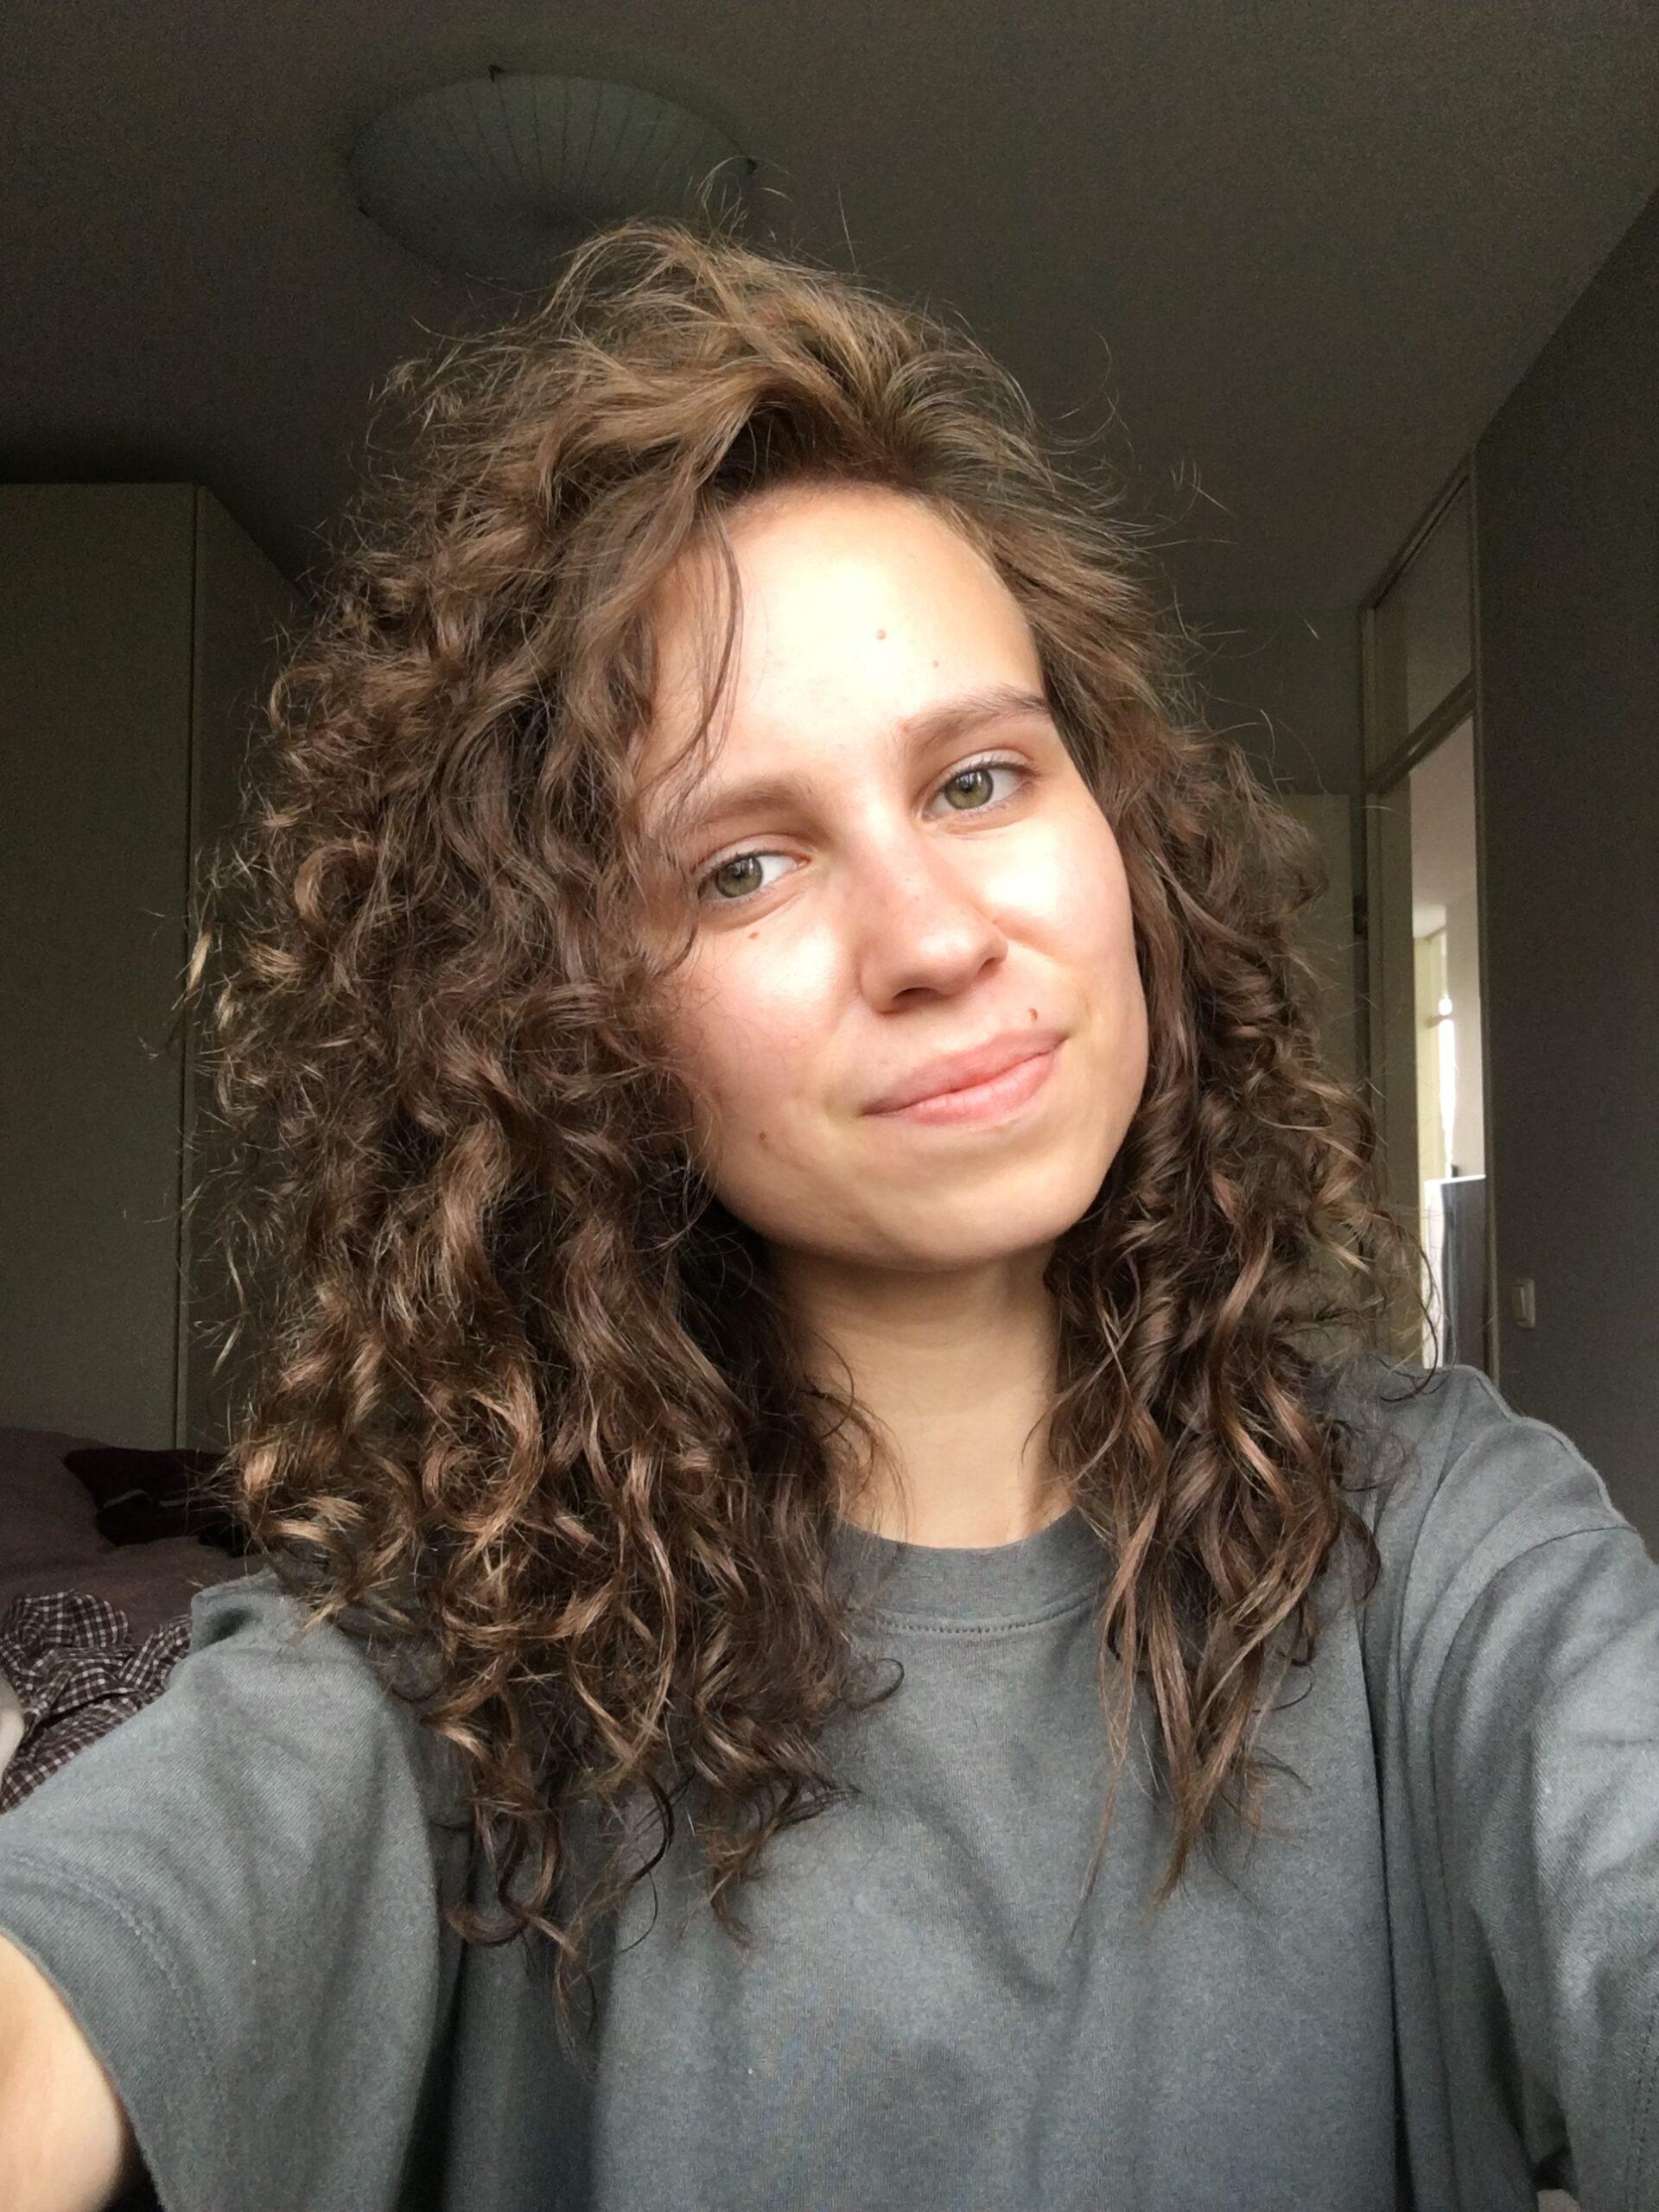 Polina Osipchuk